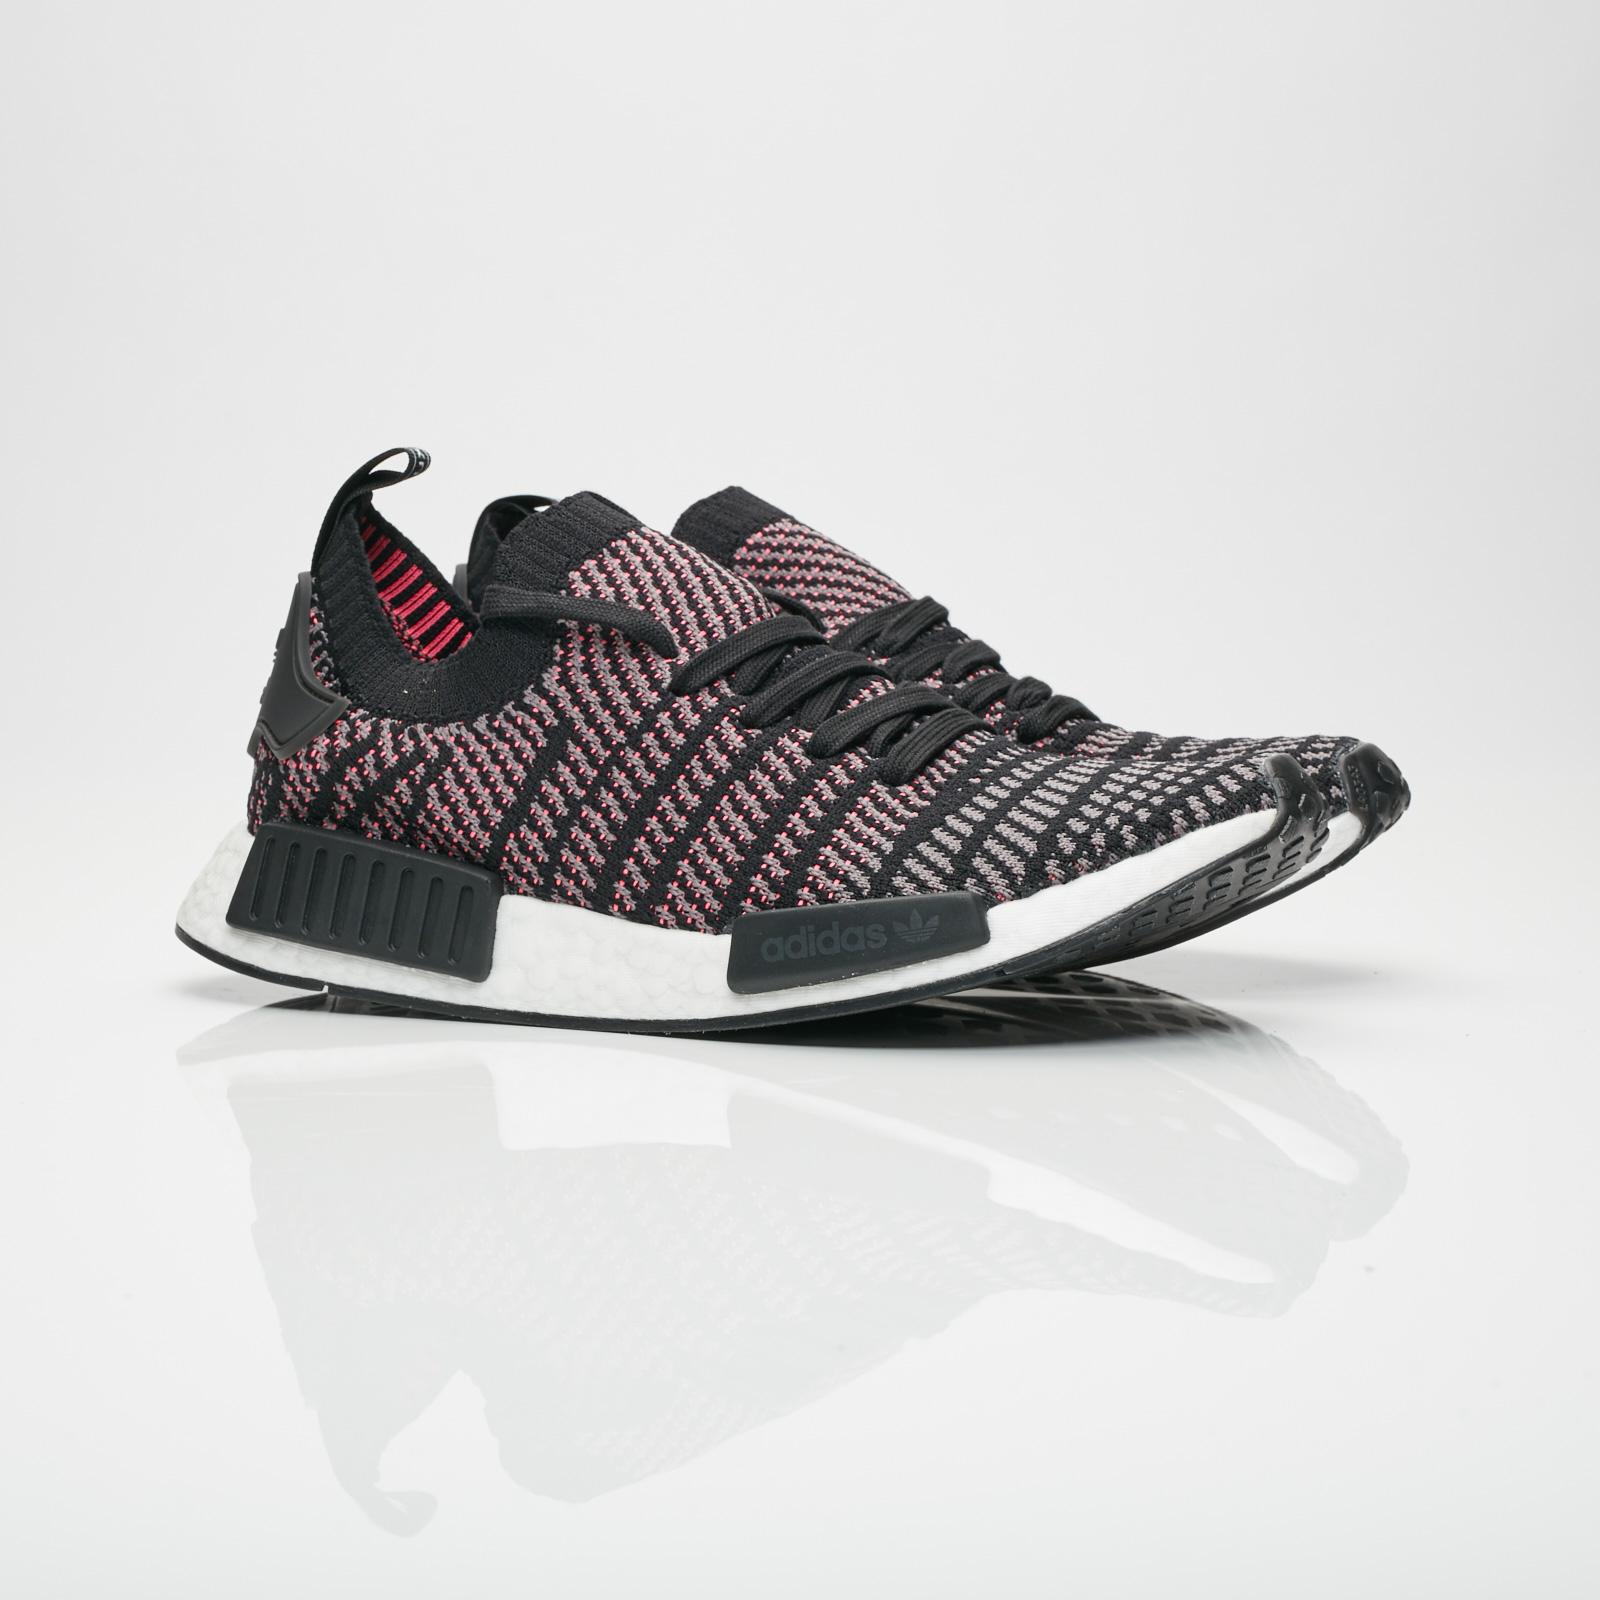 a01d7f0a5 adidas NMD R1 STLT Primeknit - Cq2386 - Sneakersnstuff